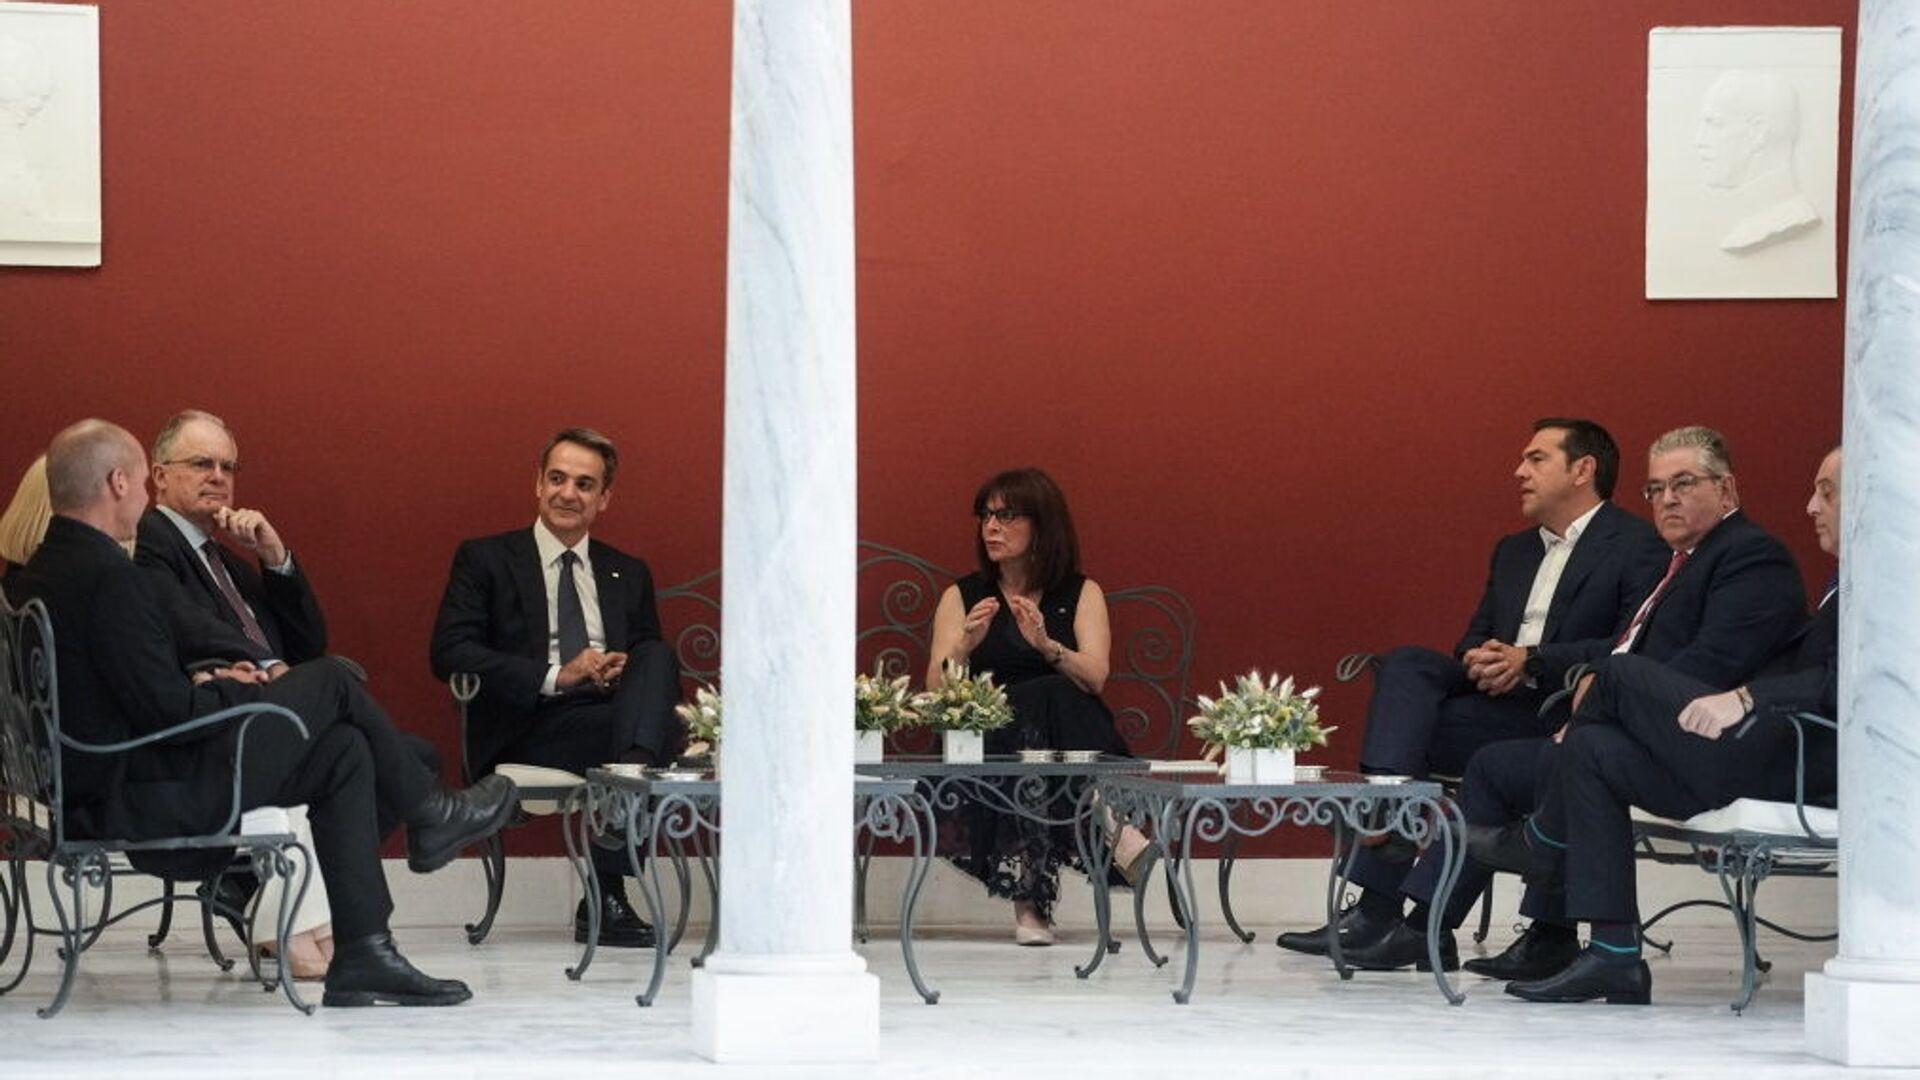 Η Πρόεδρος της Δημοκρατίας και οι πολιτικοί αρχηγοί στη δεξίωση για την 46η επέτειο Αποκατάστασης της Δημοκρατίας, 24 Ιουλίου 2020 - Sputnik Ελλάδα, 1920, 11.10.2021